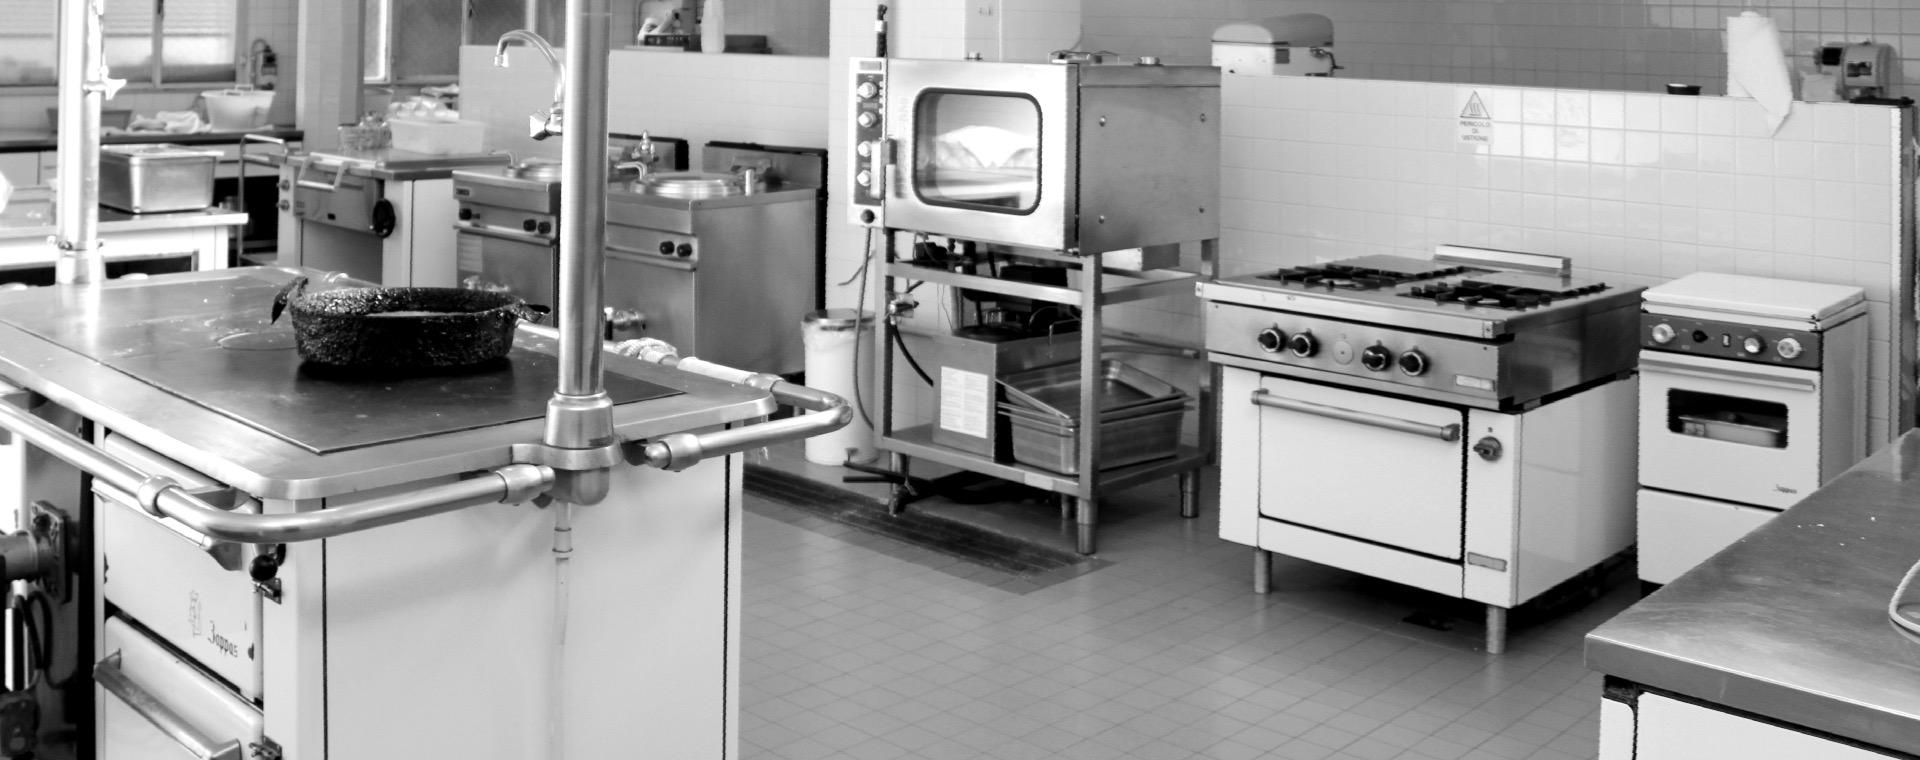 Gestione cucine scuole